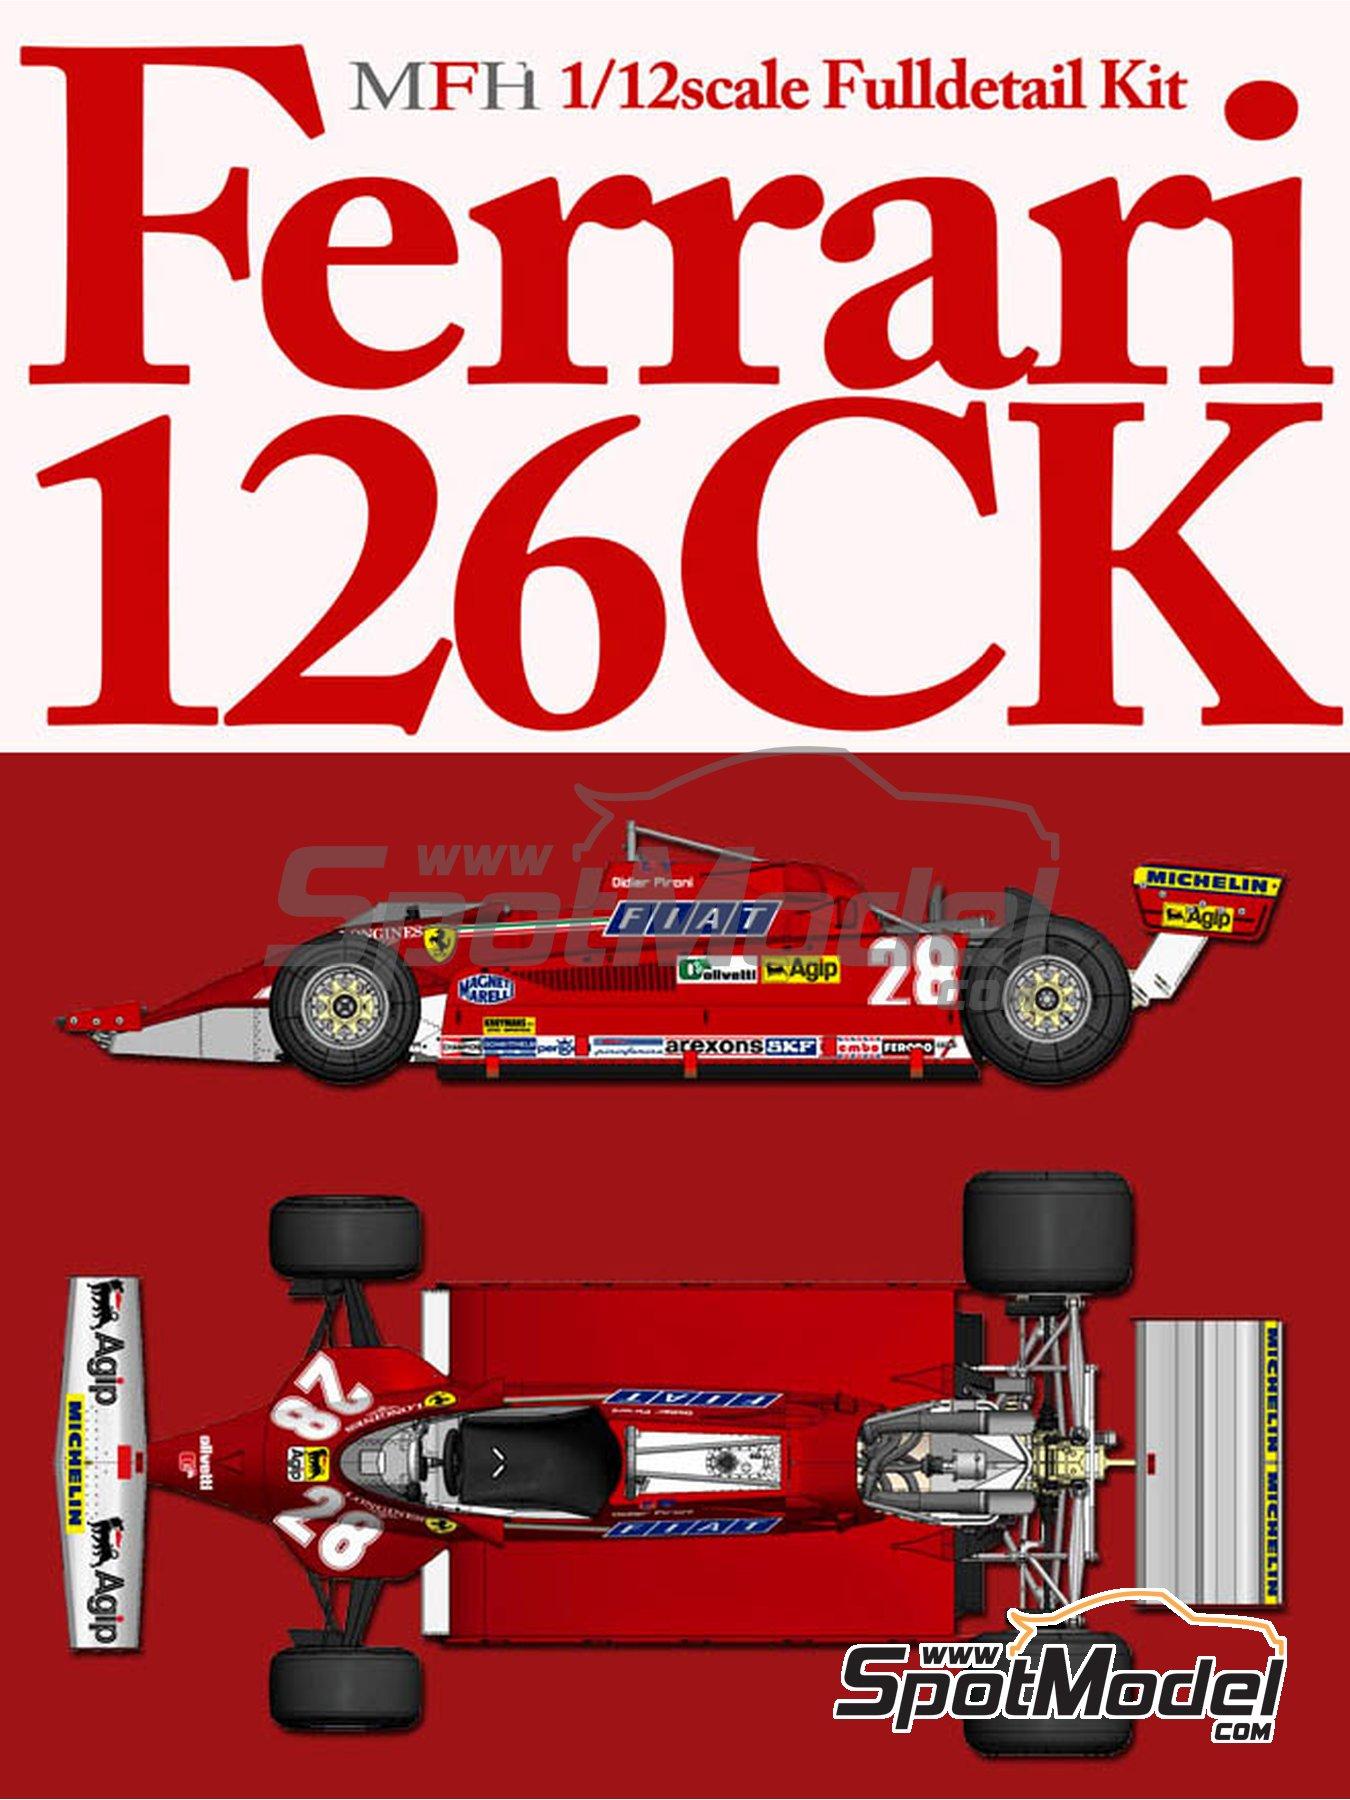 Ferrari 126CK - Gran Premio de Formula 1 de Holanda 1981 | Maqueta de coche en escala1/12 fabricado por Model Factory Hiro (ref.MFH-K530, tambien K-530) image